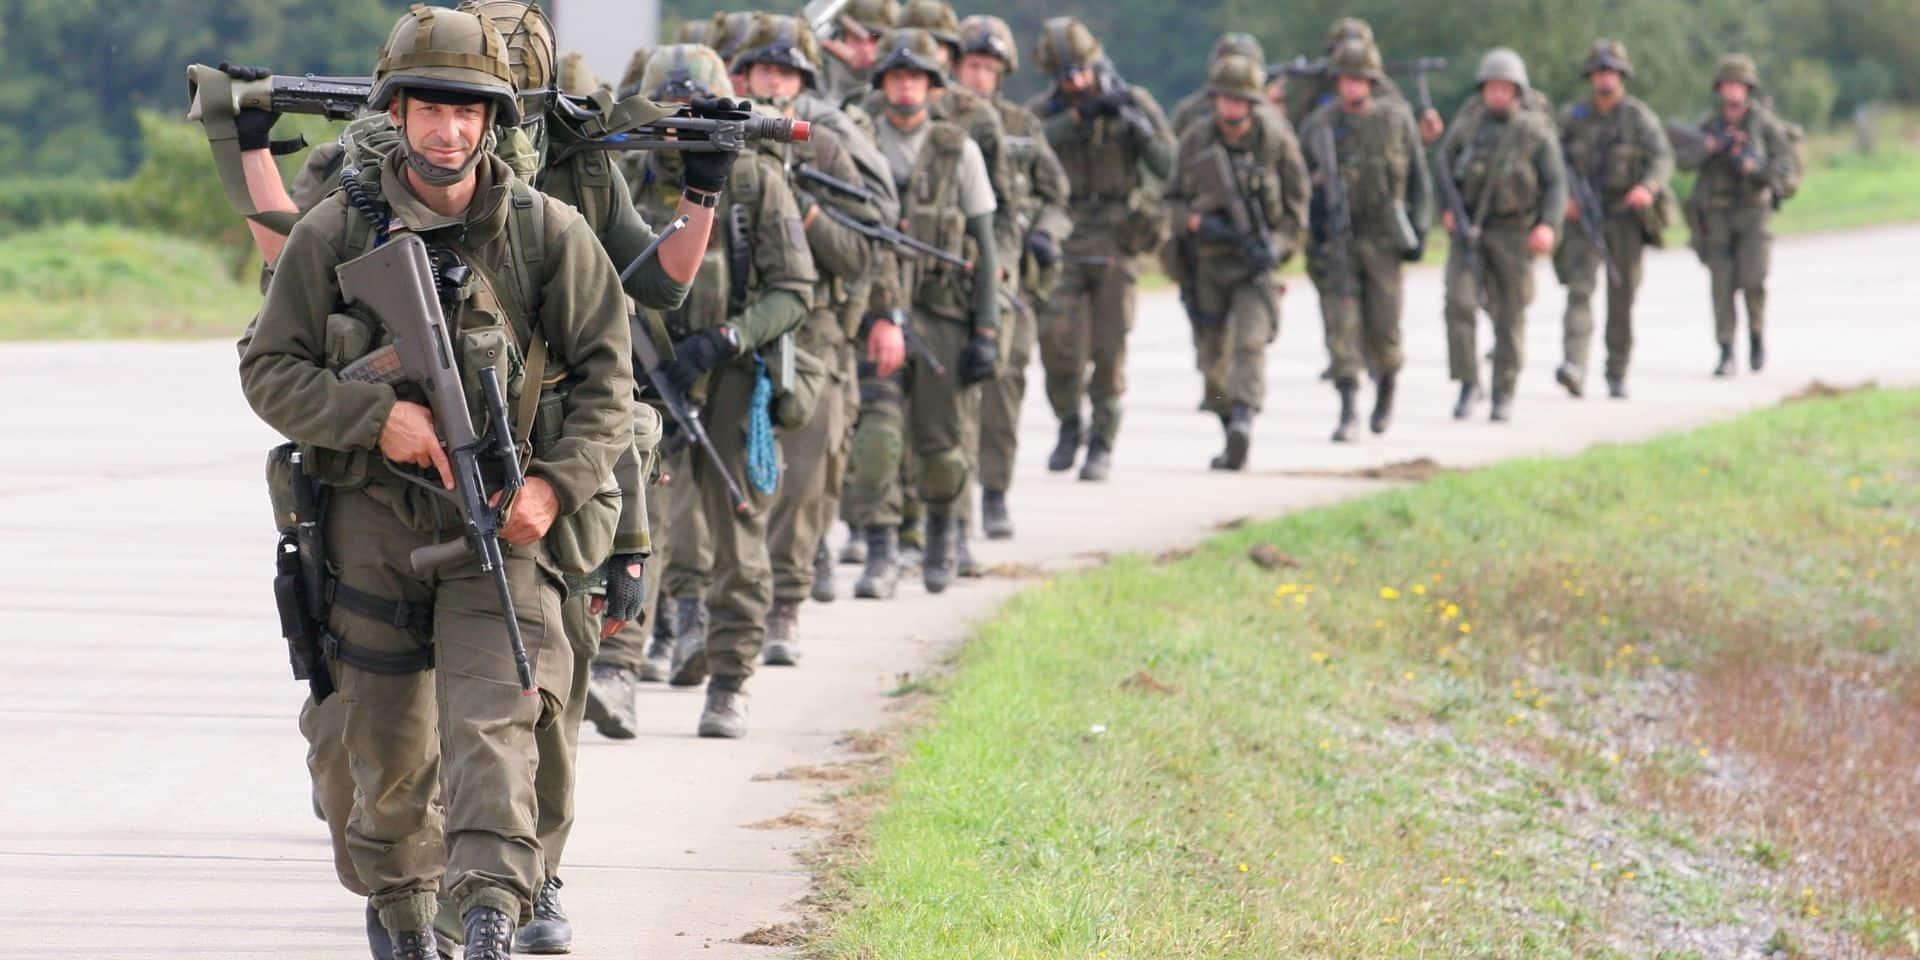 Selon les experts, la Belgique doit accroître ses capacités militaires